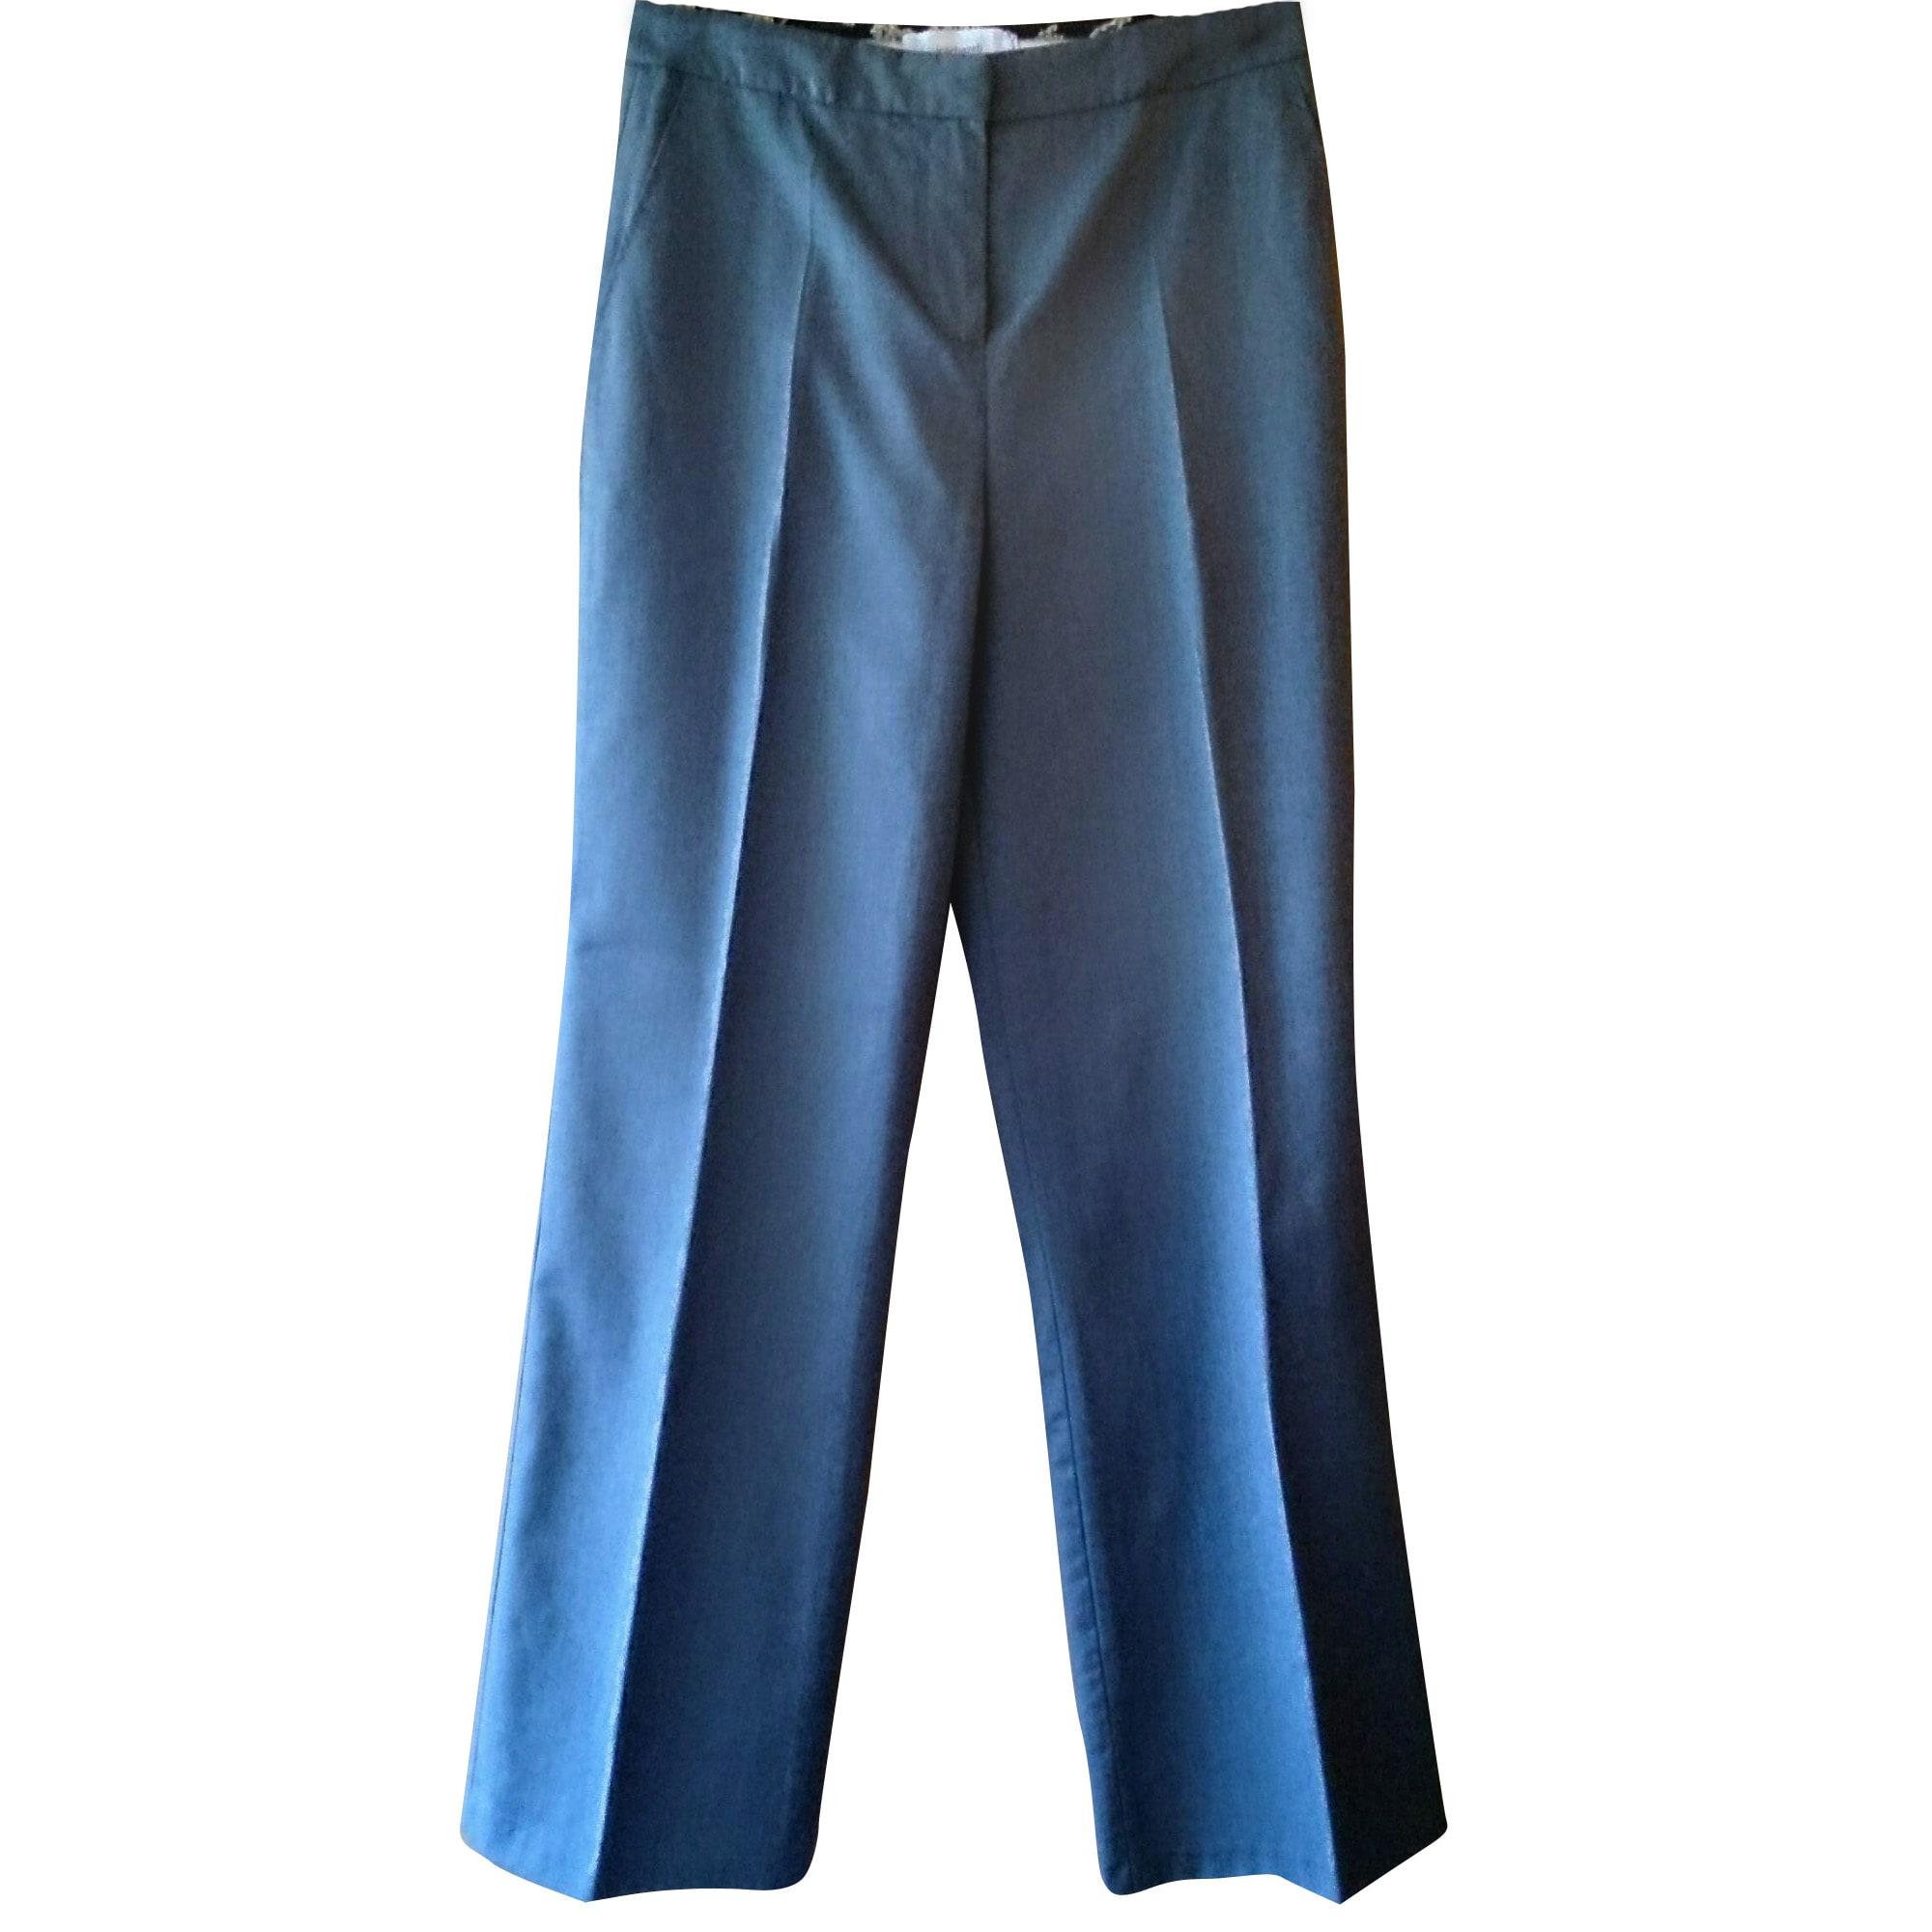 Pantalon droit CACHAREL Gris, anthracite